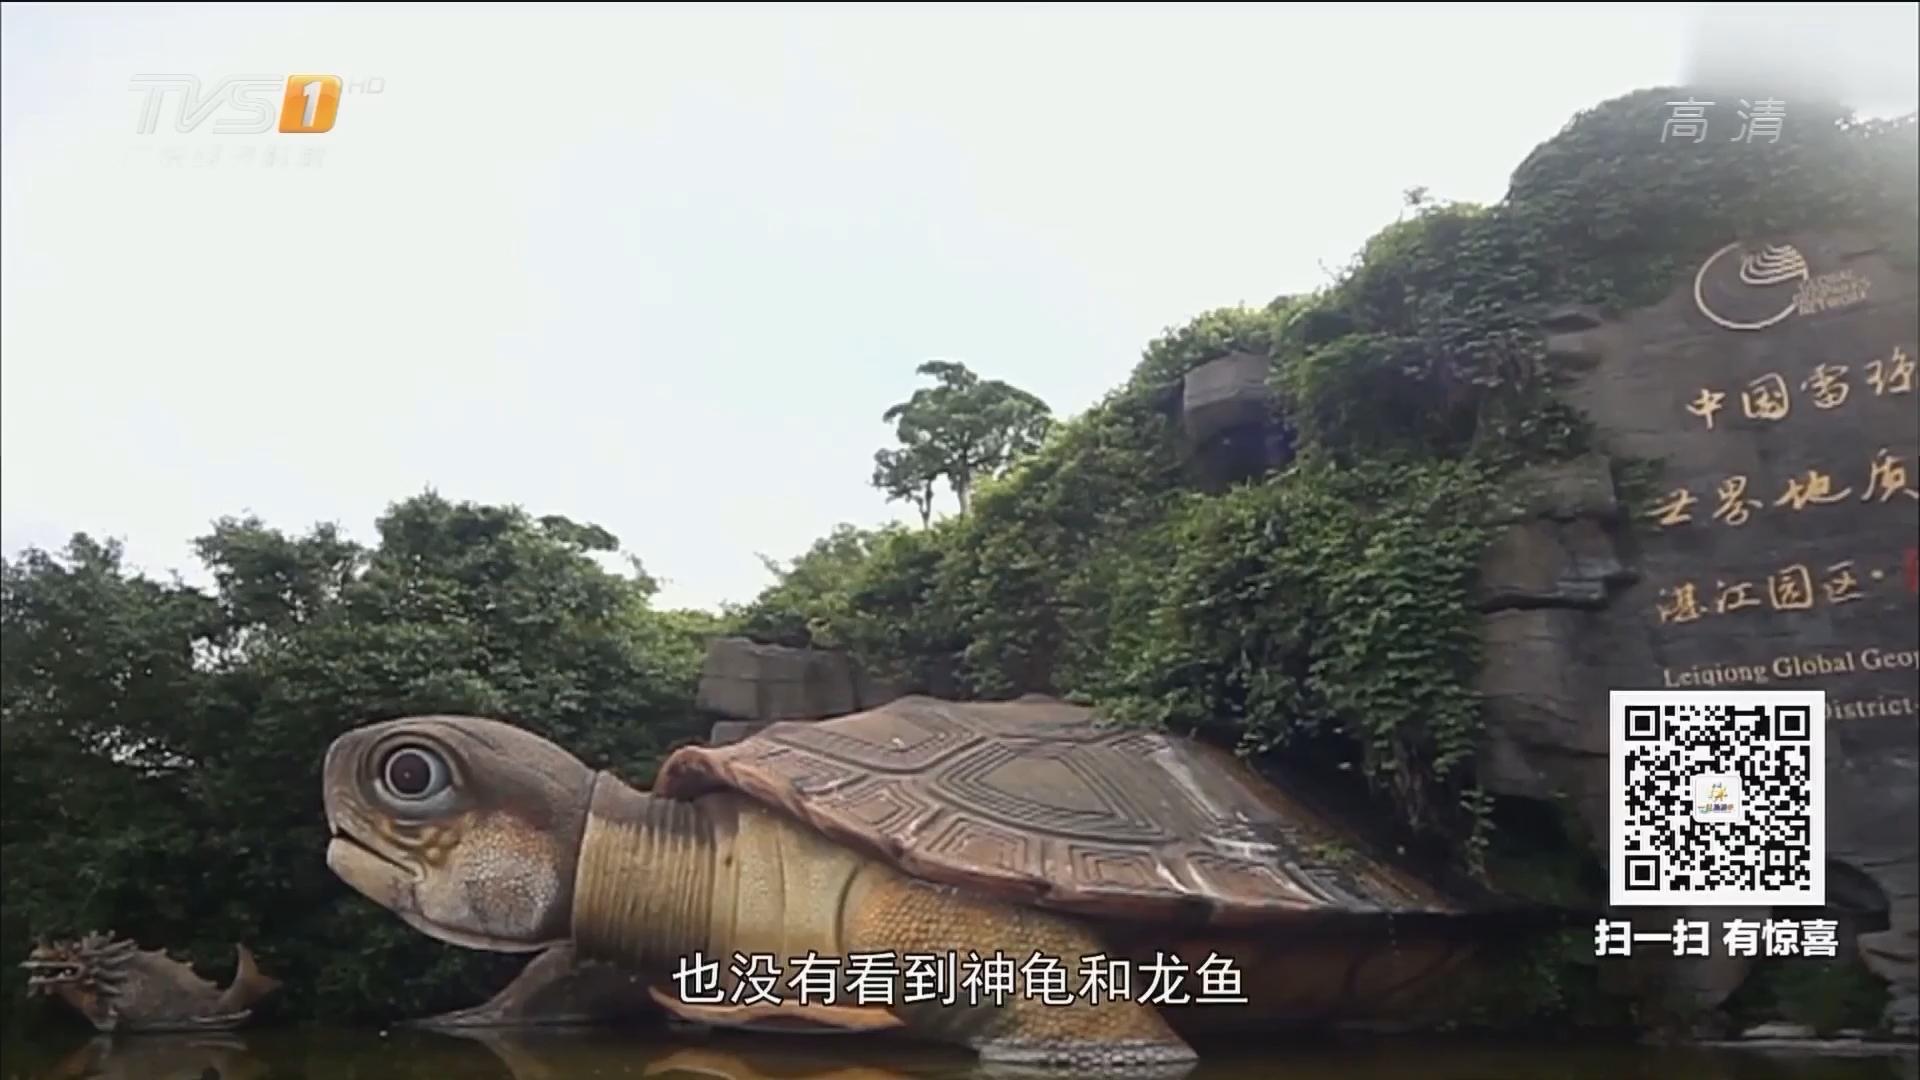 神龟和龙鱼是不是真的存在